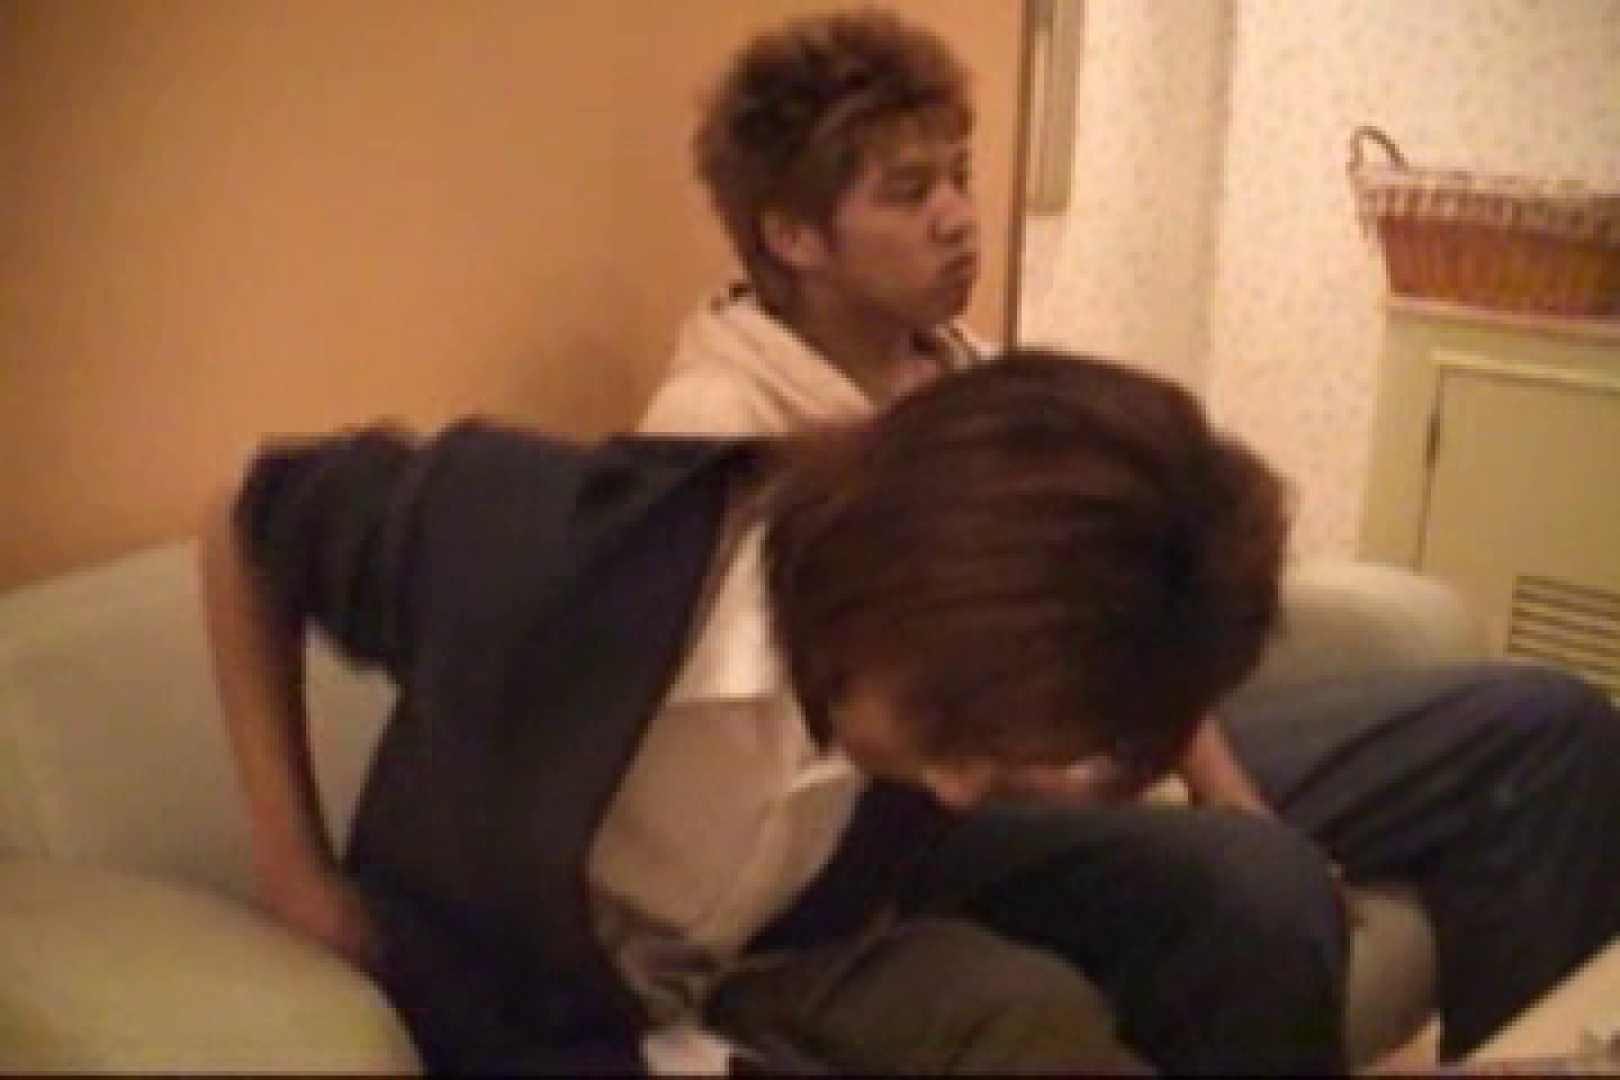 【流出】ジャニ系イケメン!!フライング&アナルが痛くて出来ません!! アナル特集 ゲイフリーエロ画像 83枚 9